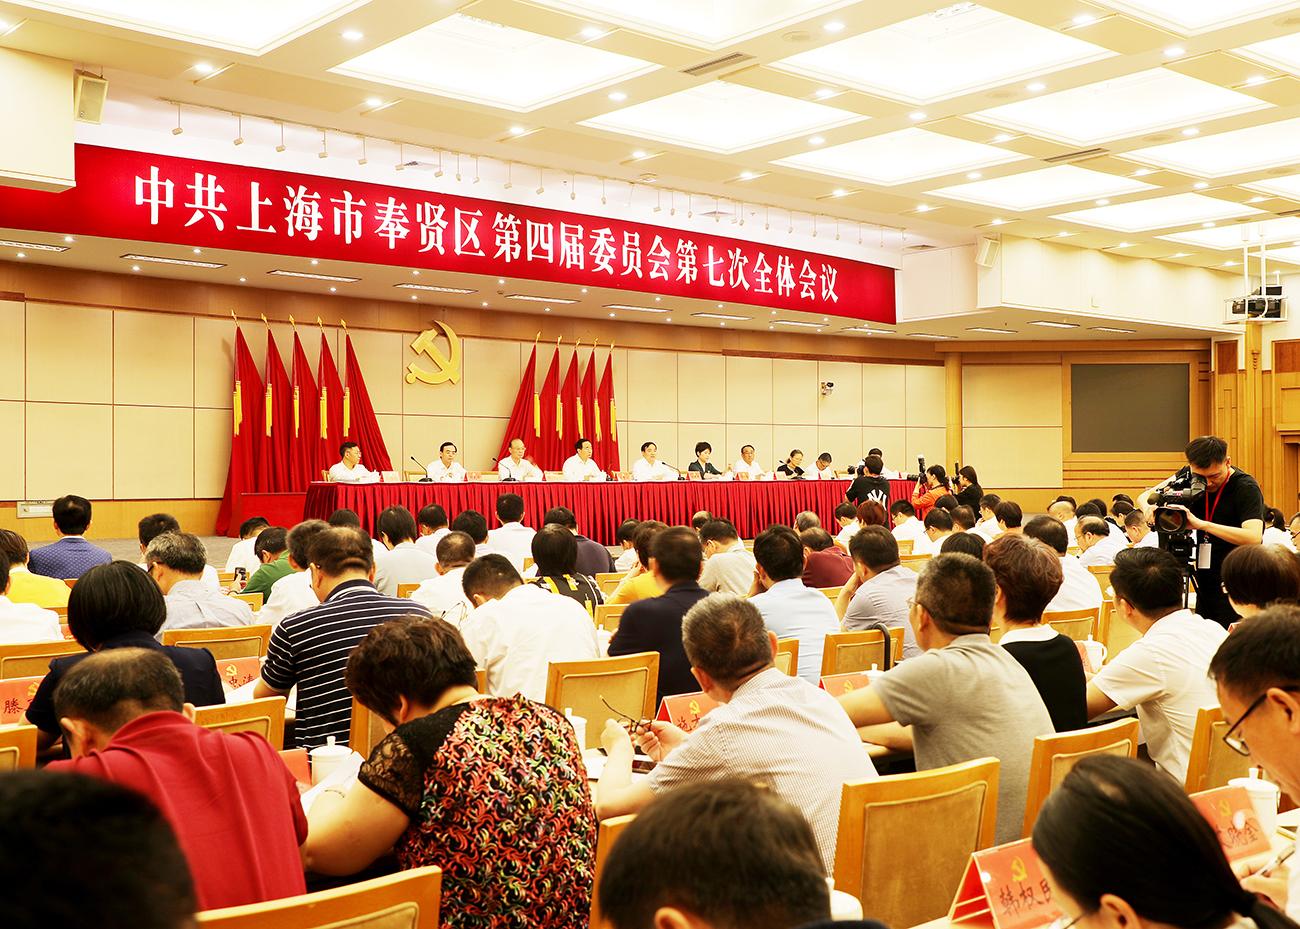 7月9日,在中共上海市奉贤区第四届委员会第七次全体会议上,该区发布了《对标国际化,服务长三角,打造南